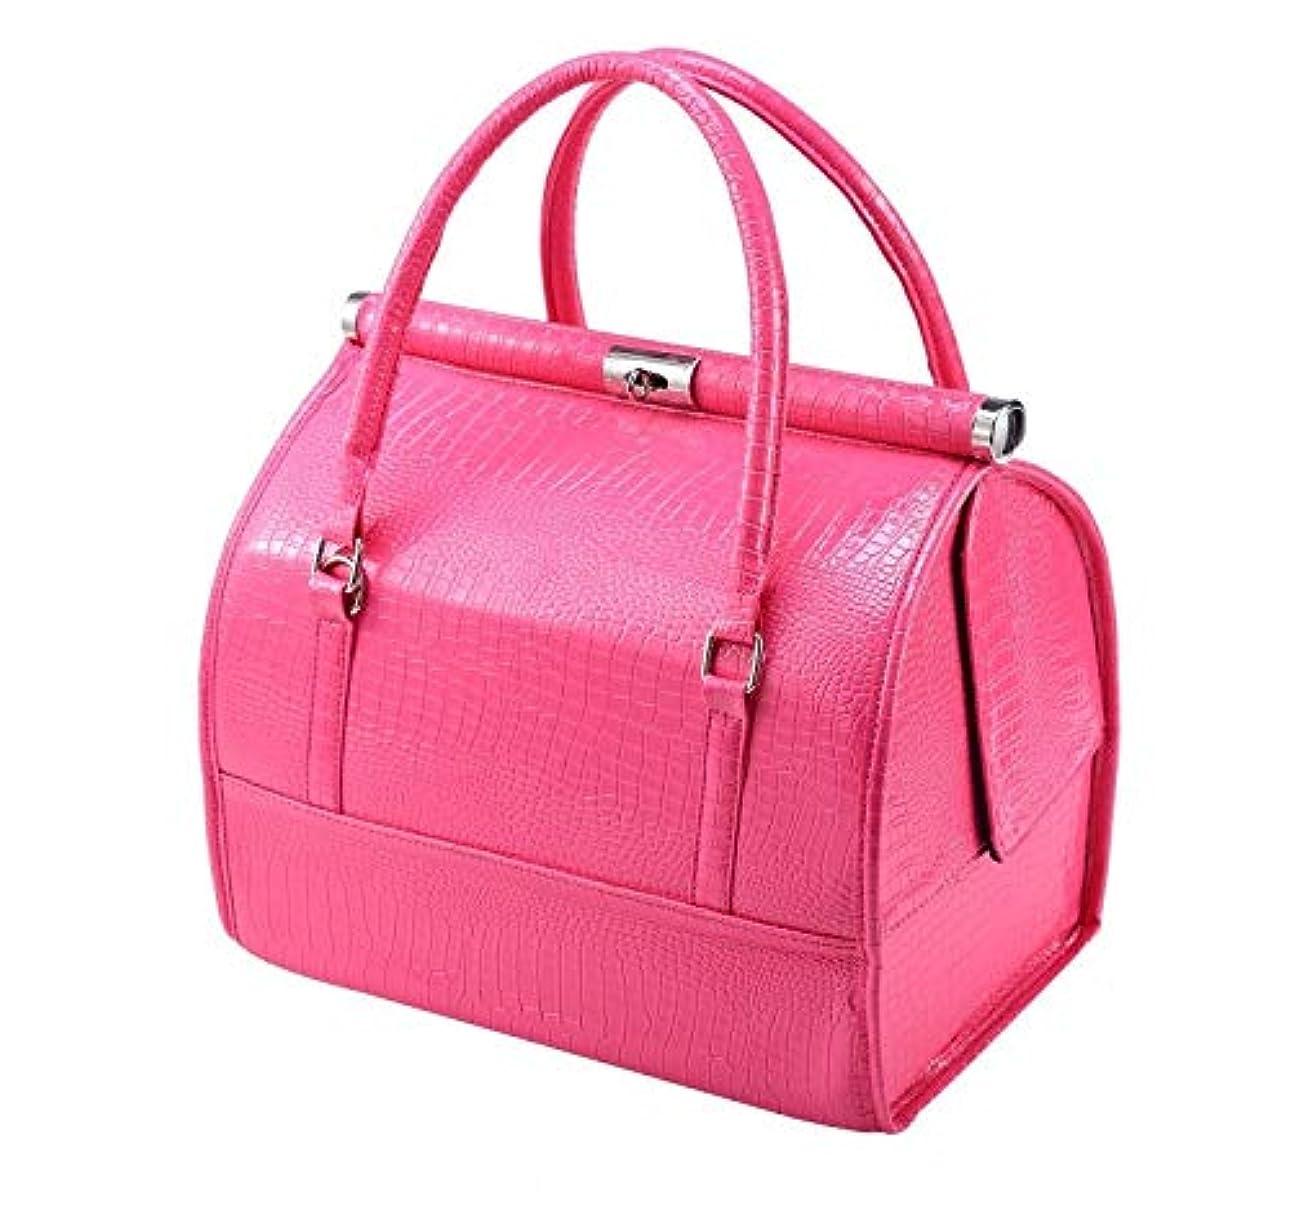 ディスパッチパースブラックボロウ誰の化粧箱、大容量の対角および携帯用化粧品の箱、携帯用旅行化粧品袋、美の釘の宝石類の収納箱 (Color : ピンク)